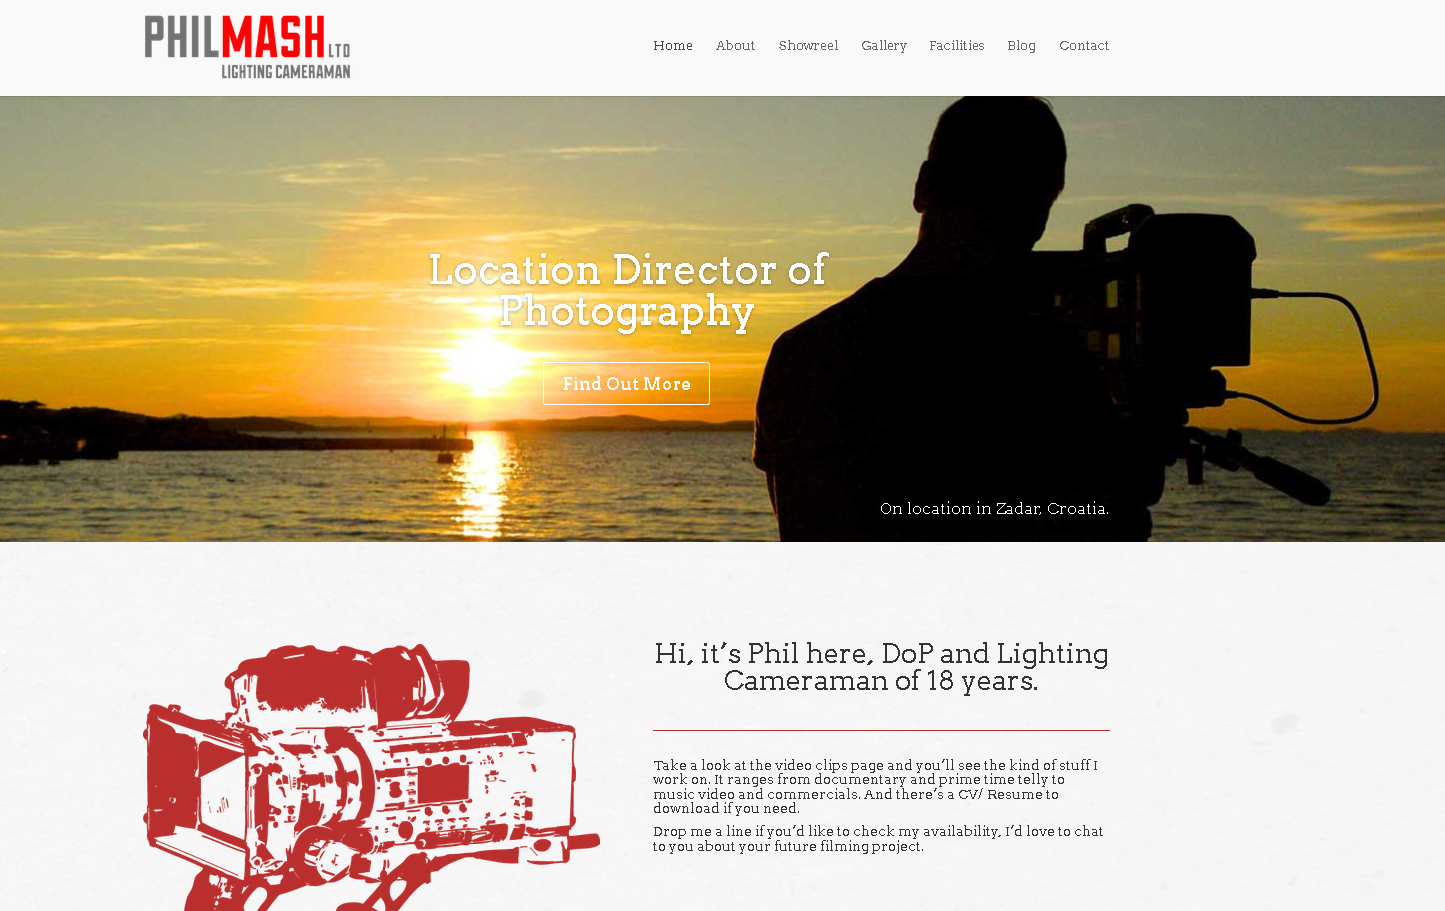 Phil Mash